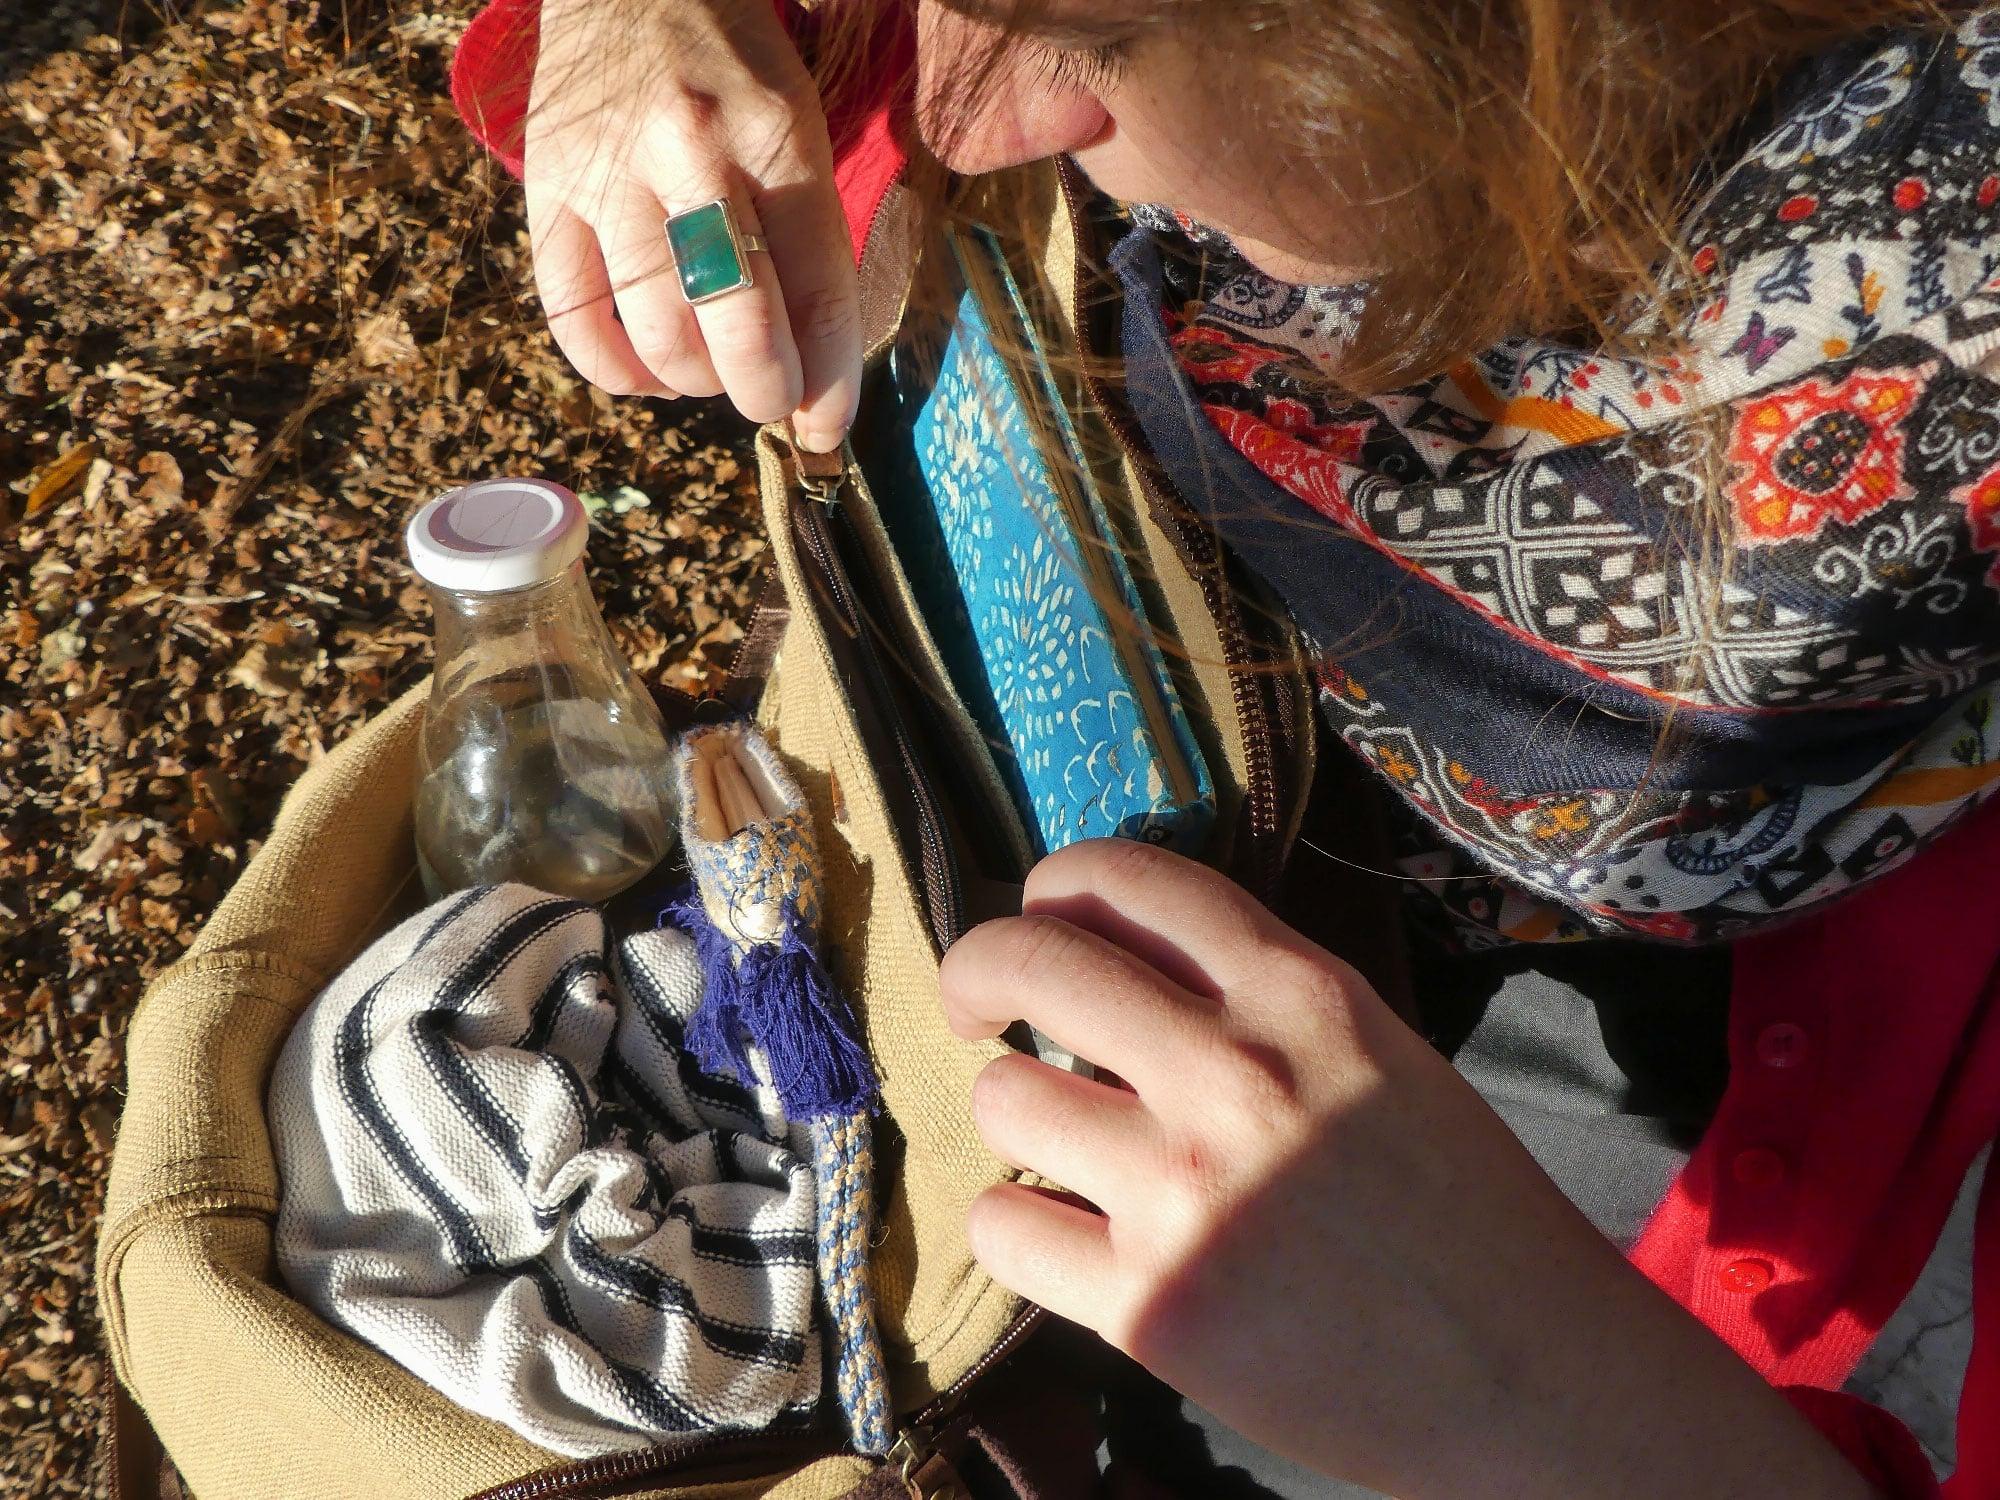 Alta sac à dos végétal vegan - ouverture poche zippée